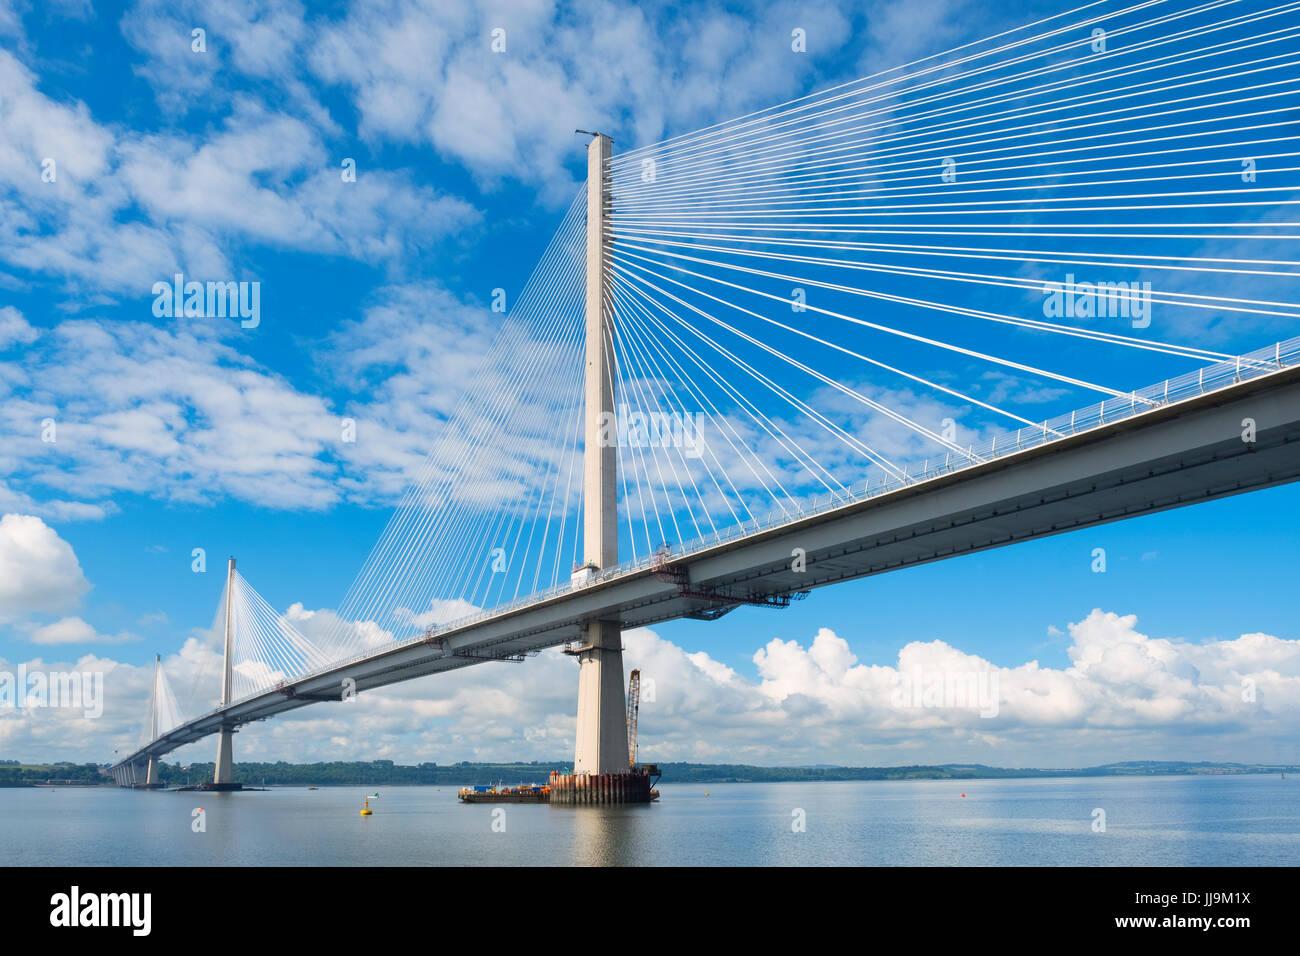 Ansicht des neuen Queensferry Crossing Brücke über Fluss Forth in Schottland, Vereinigtes Königreich Stockbild